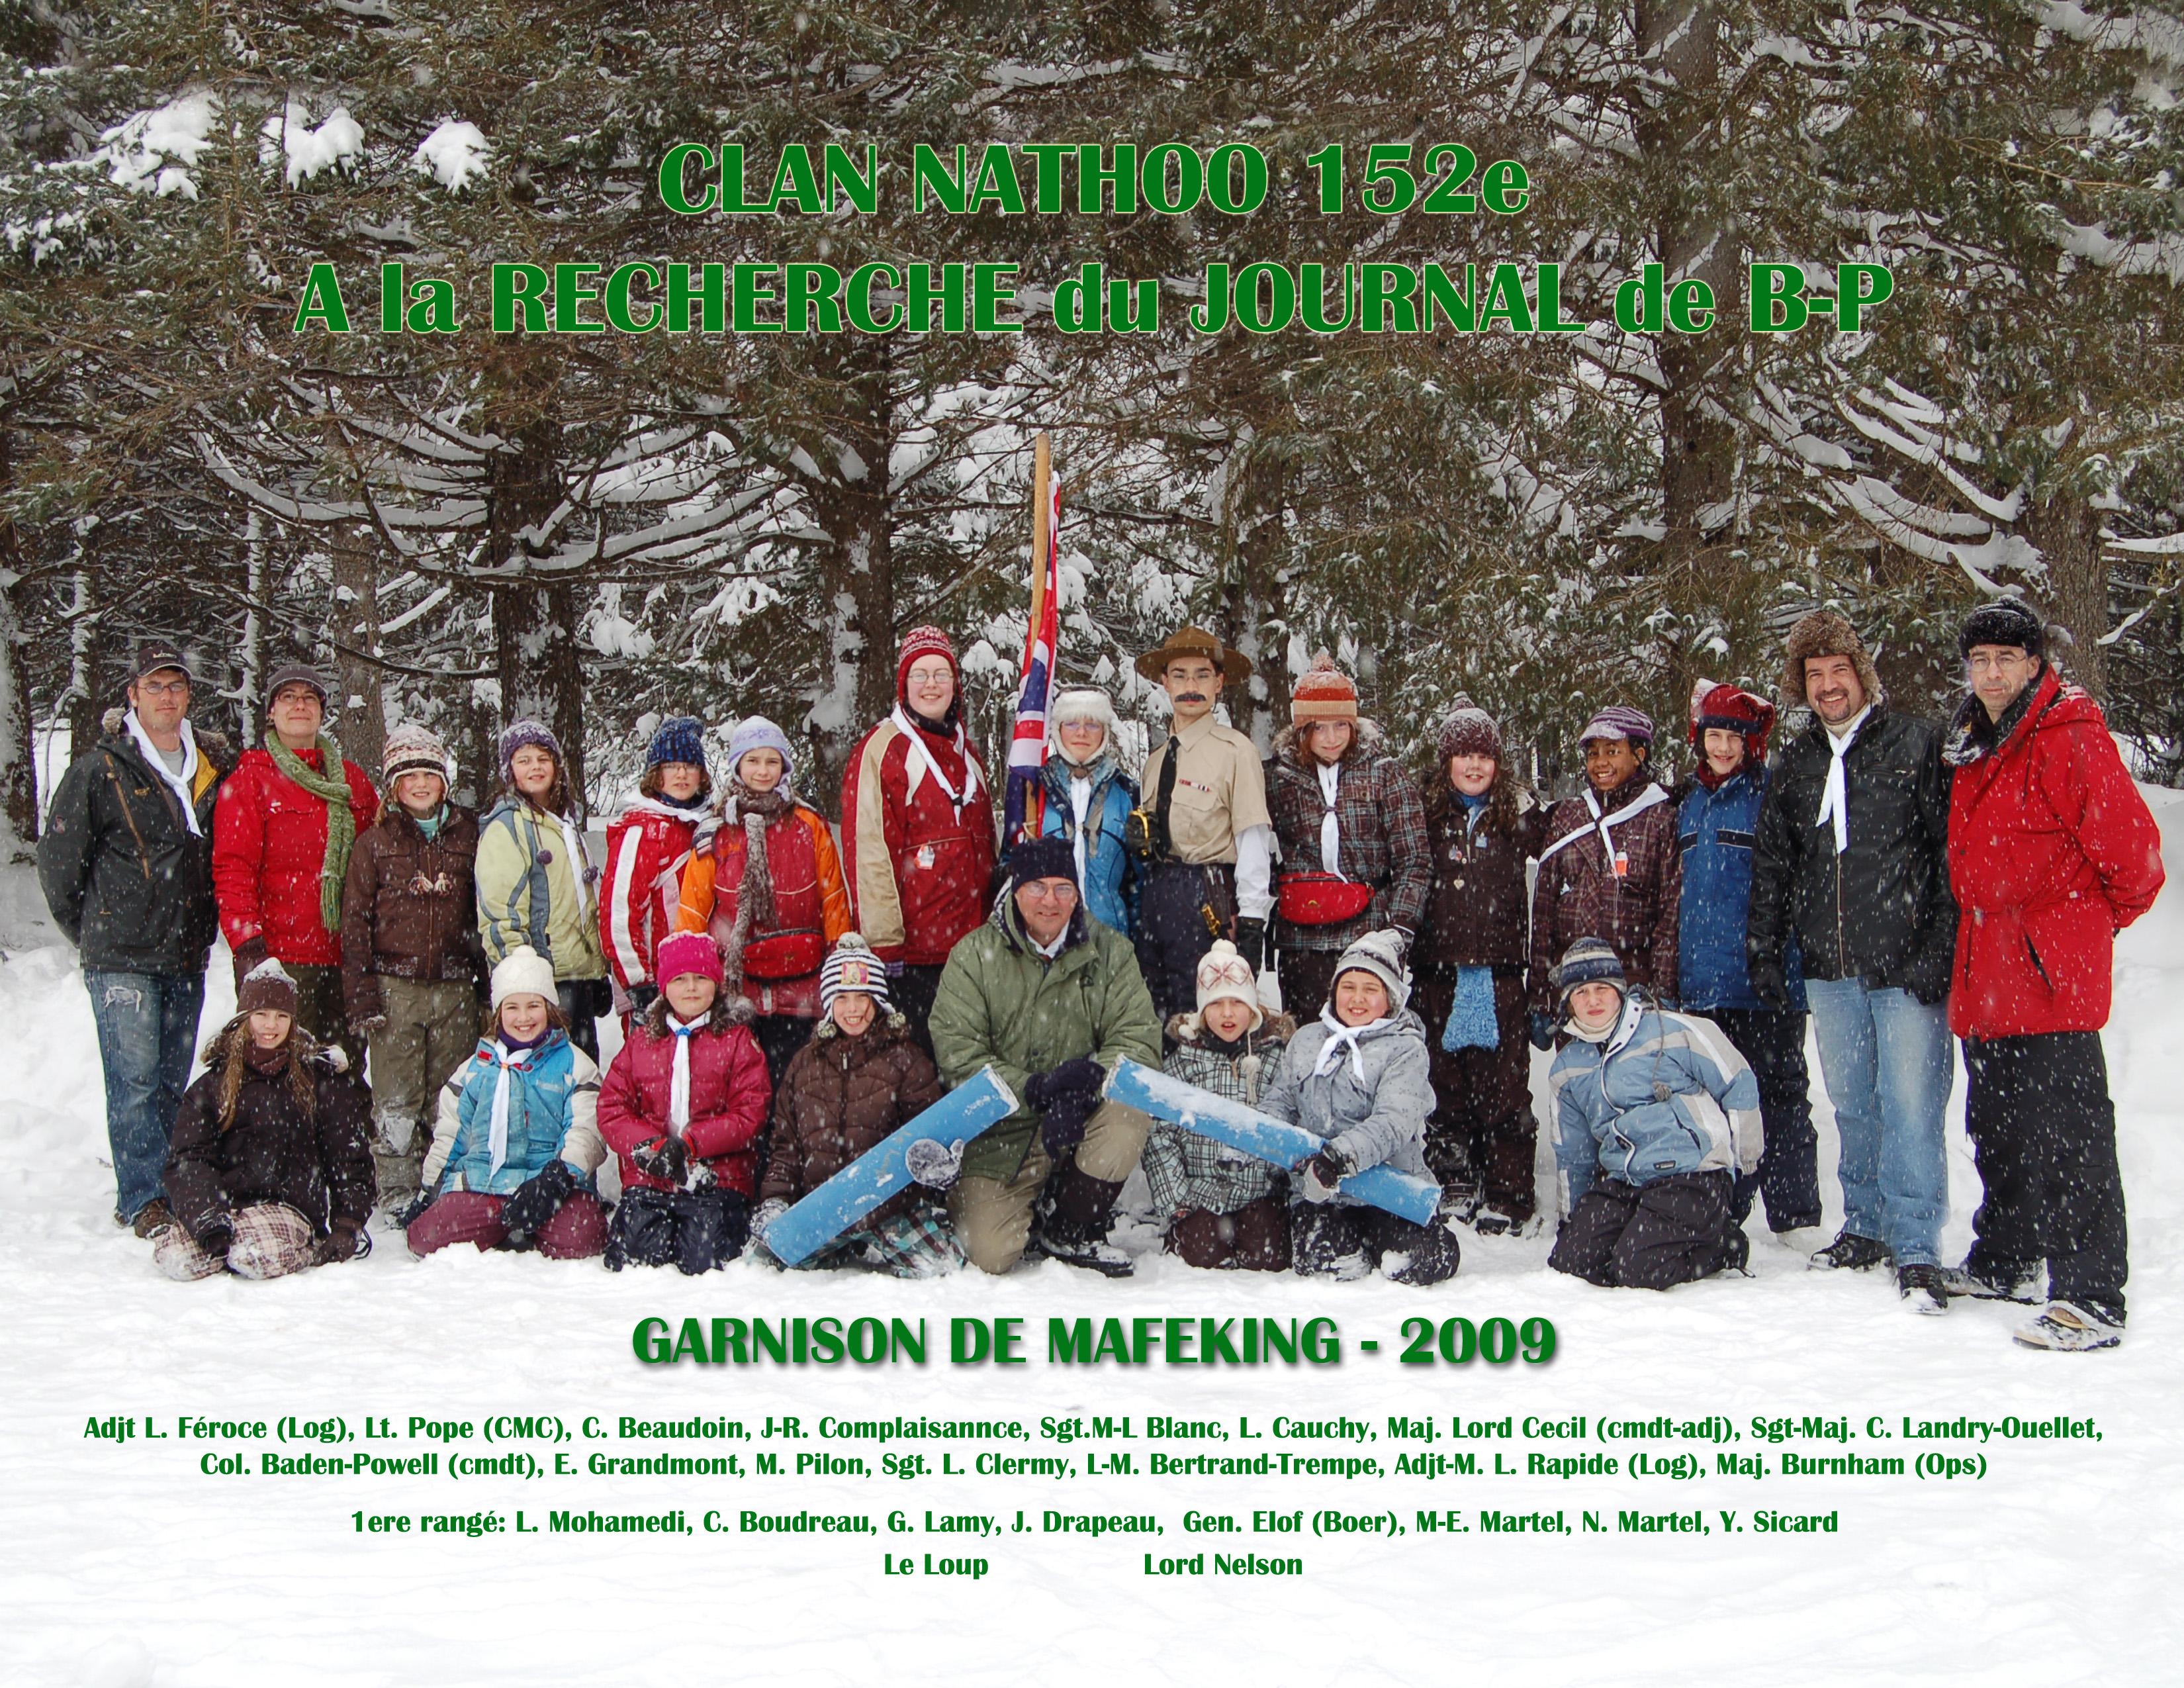 Mafeking2009